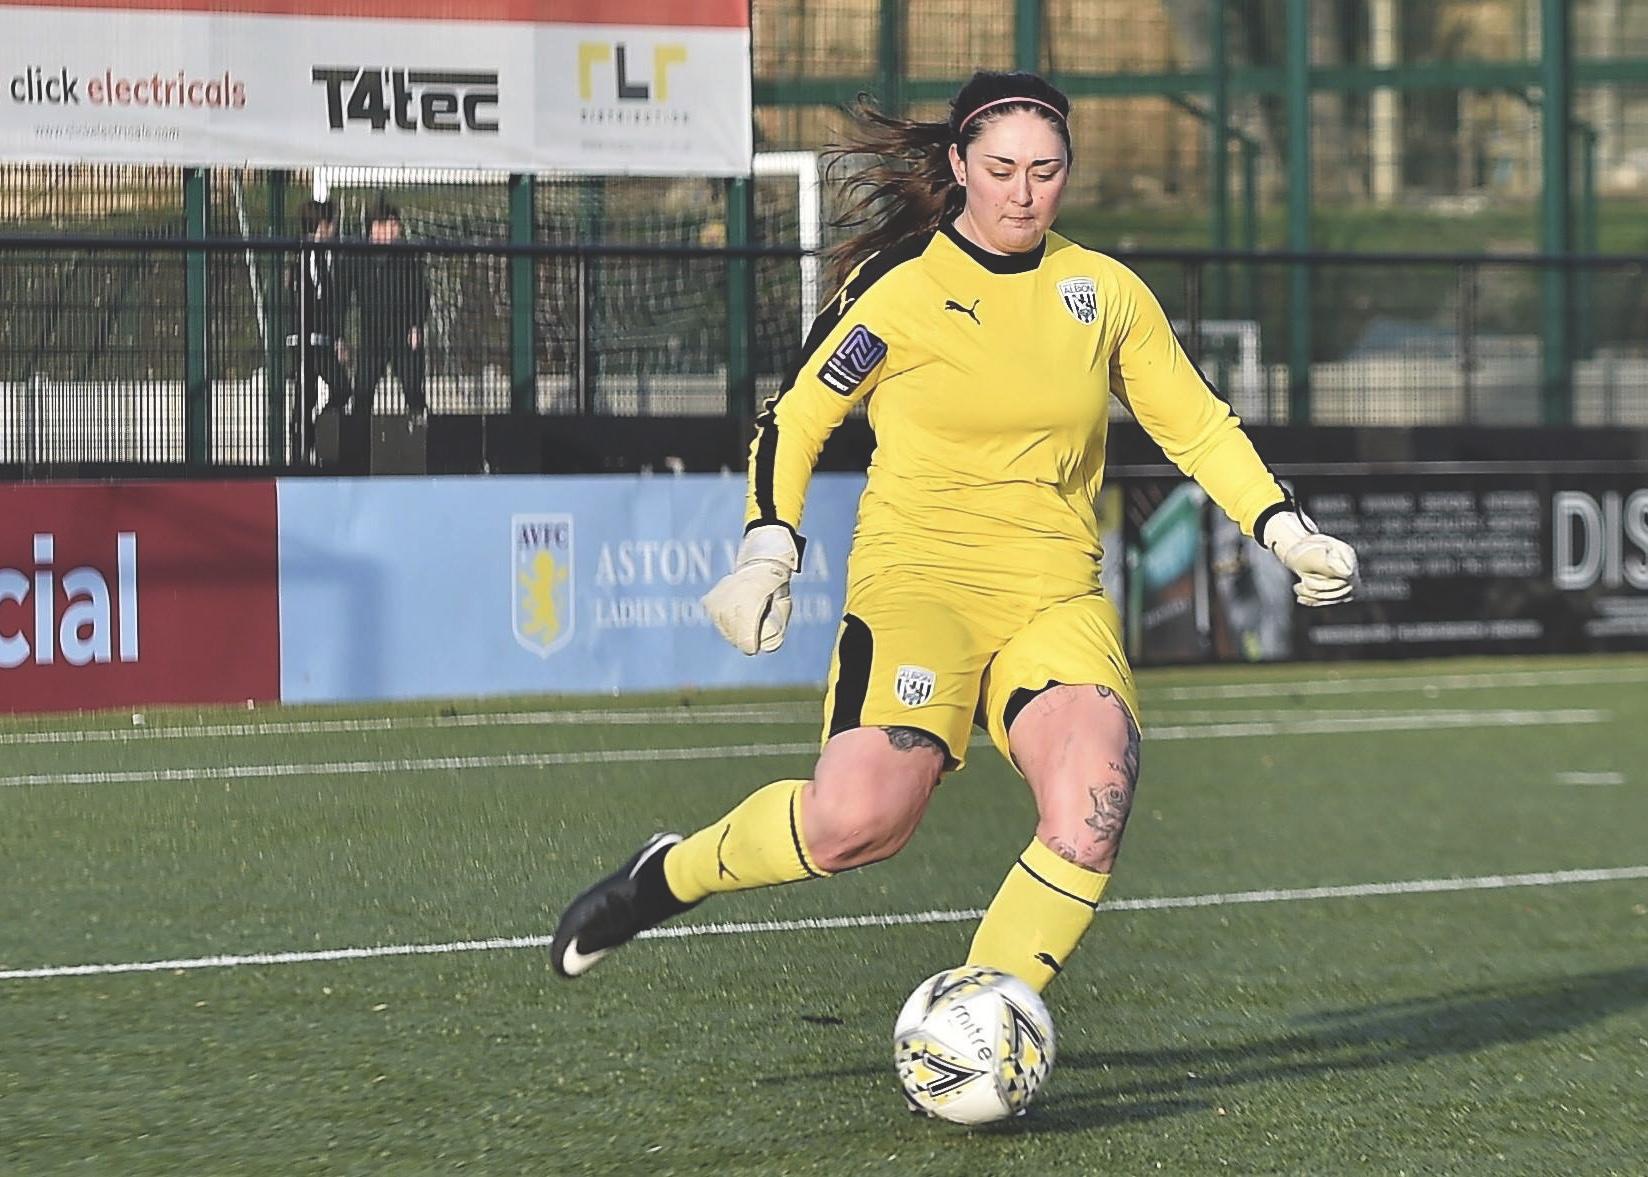 West Bromwich Albion Women's unsung hero - Scarlett Field